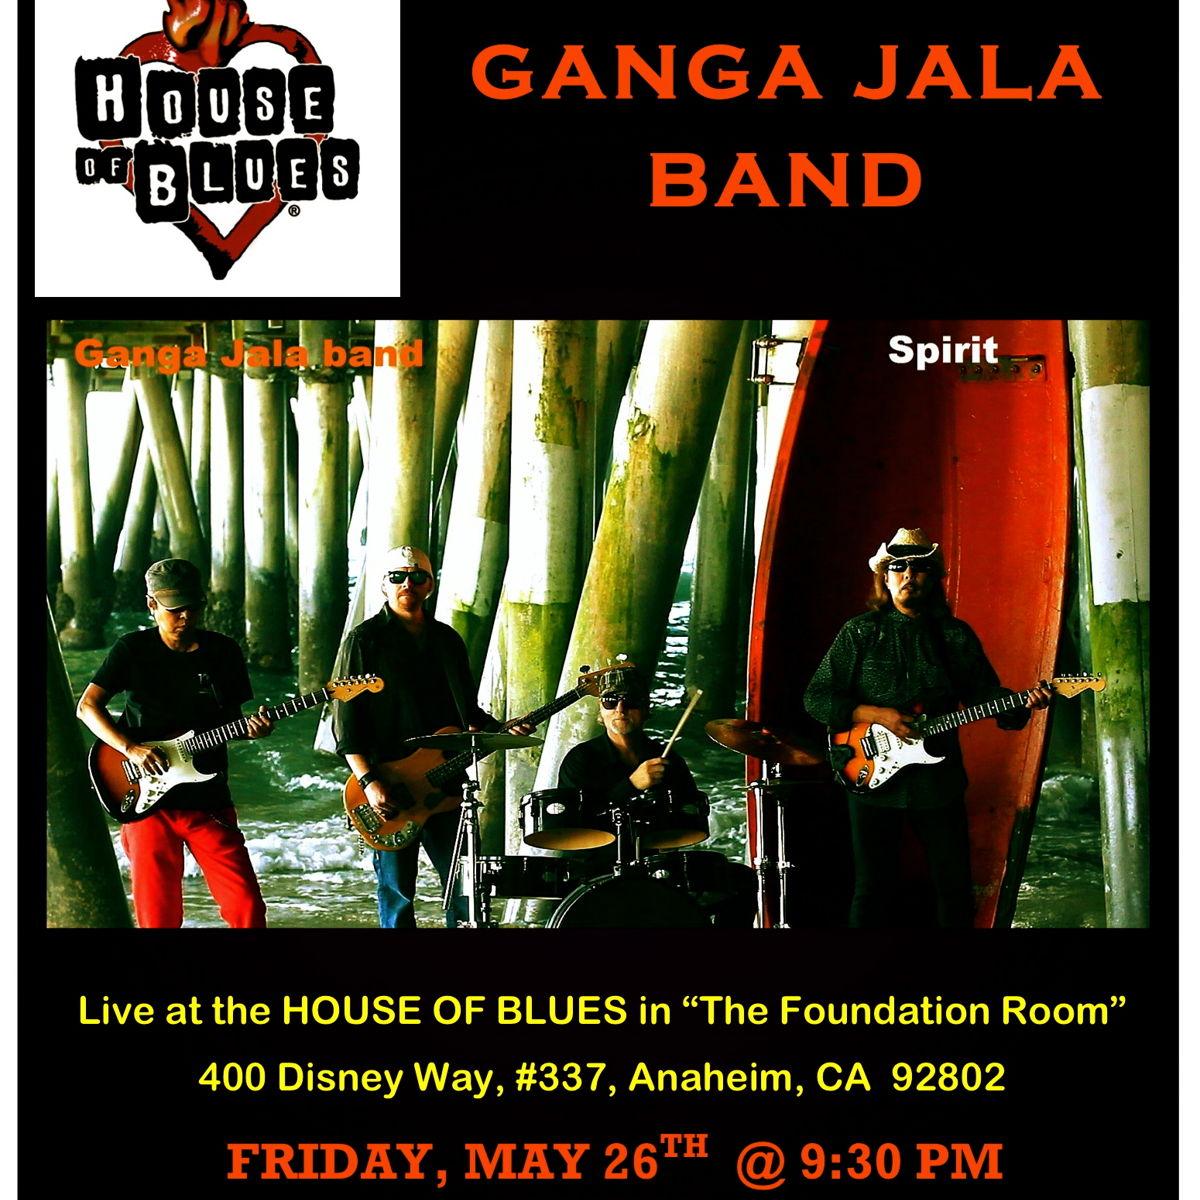 Ganga jala band at the house of blues anaheim friday may - House of blues anaheim garden walk ...